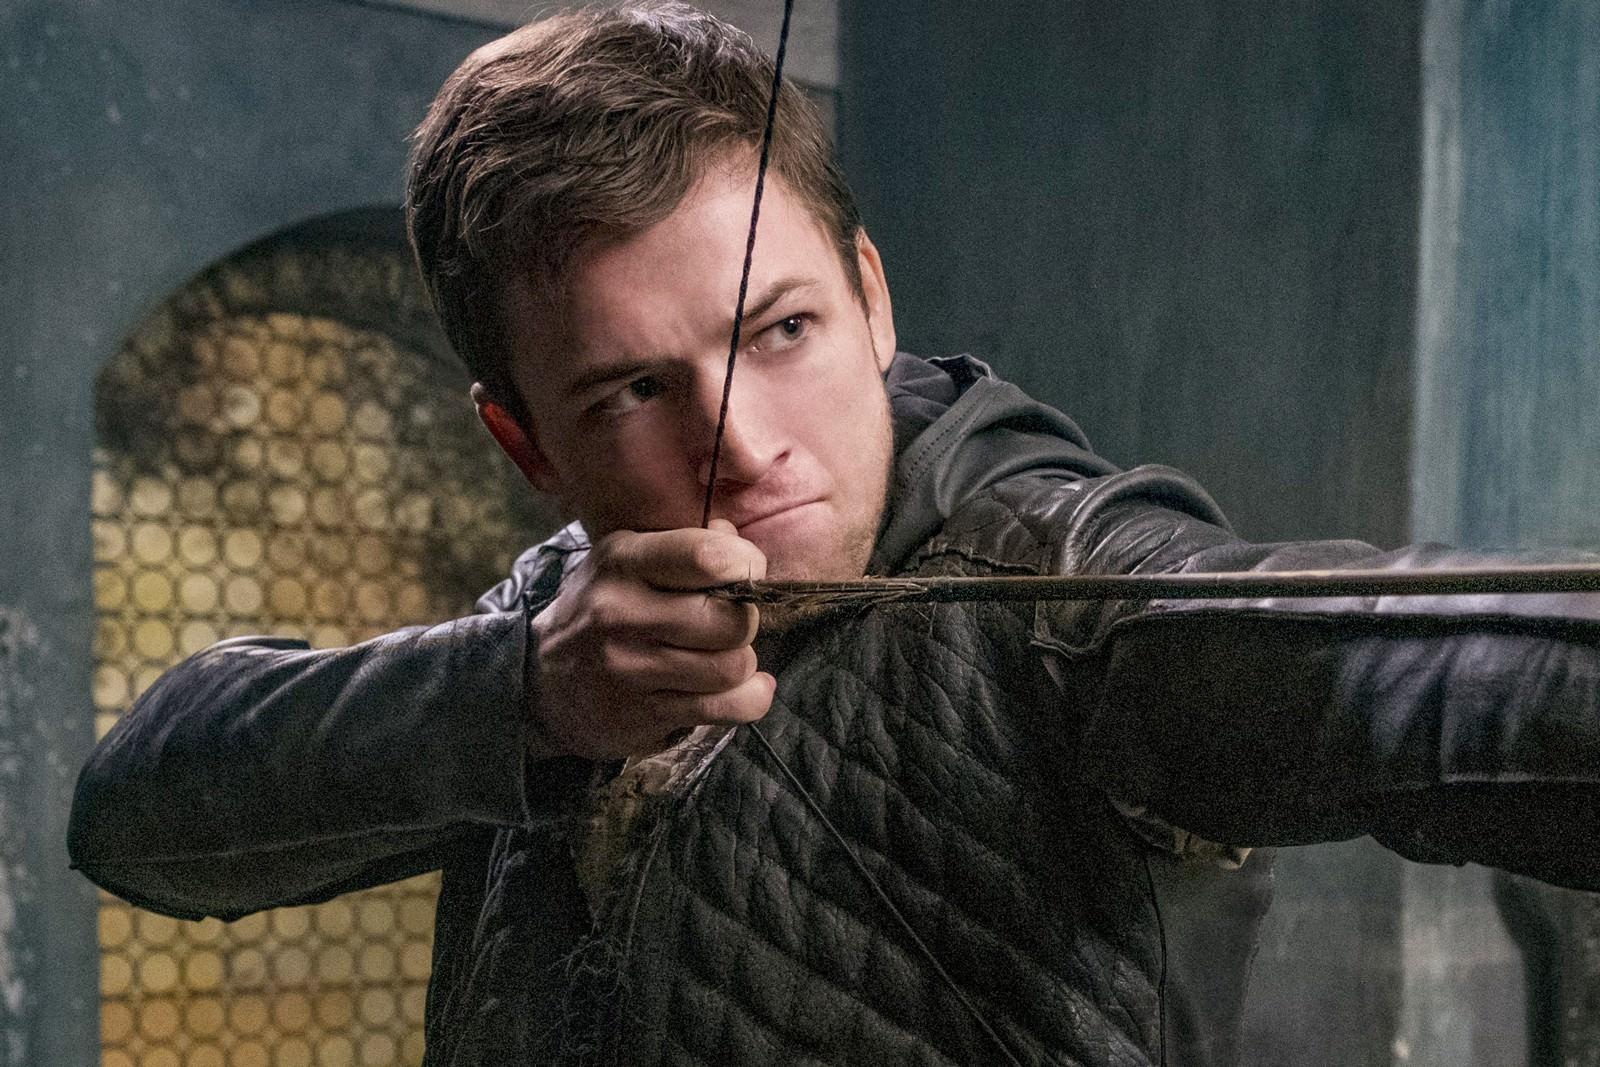 Movie, Robin Hood(美國, 2018年) / 羅賓漢崛起(台灣) / 箭神‧第一戰(香港) / 罗宾汉(網路), 電影角色與演員介紹